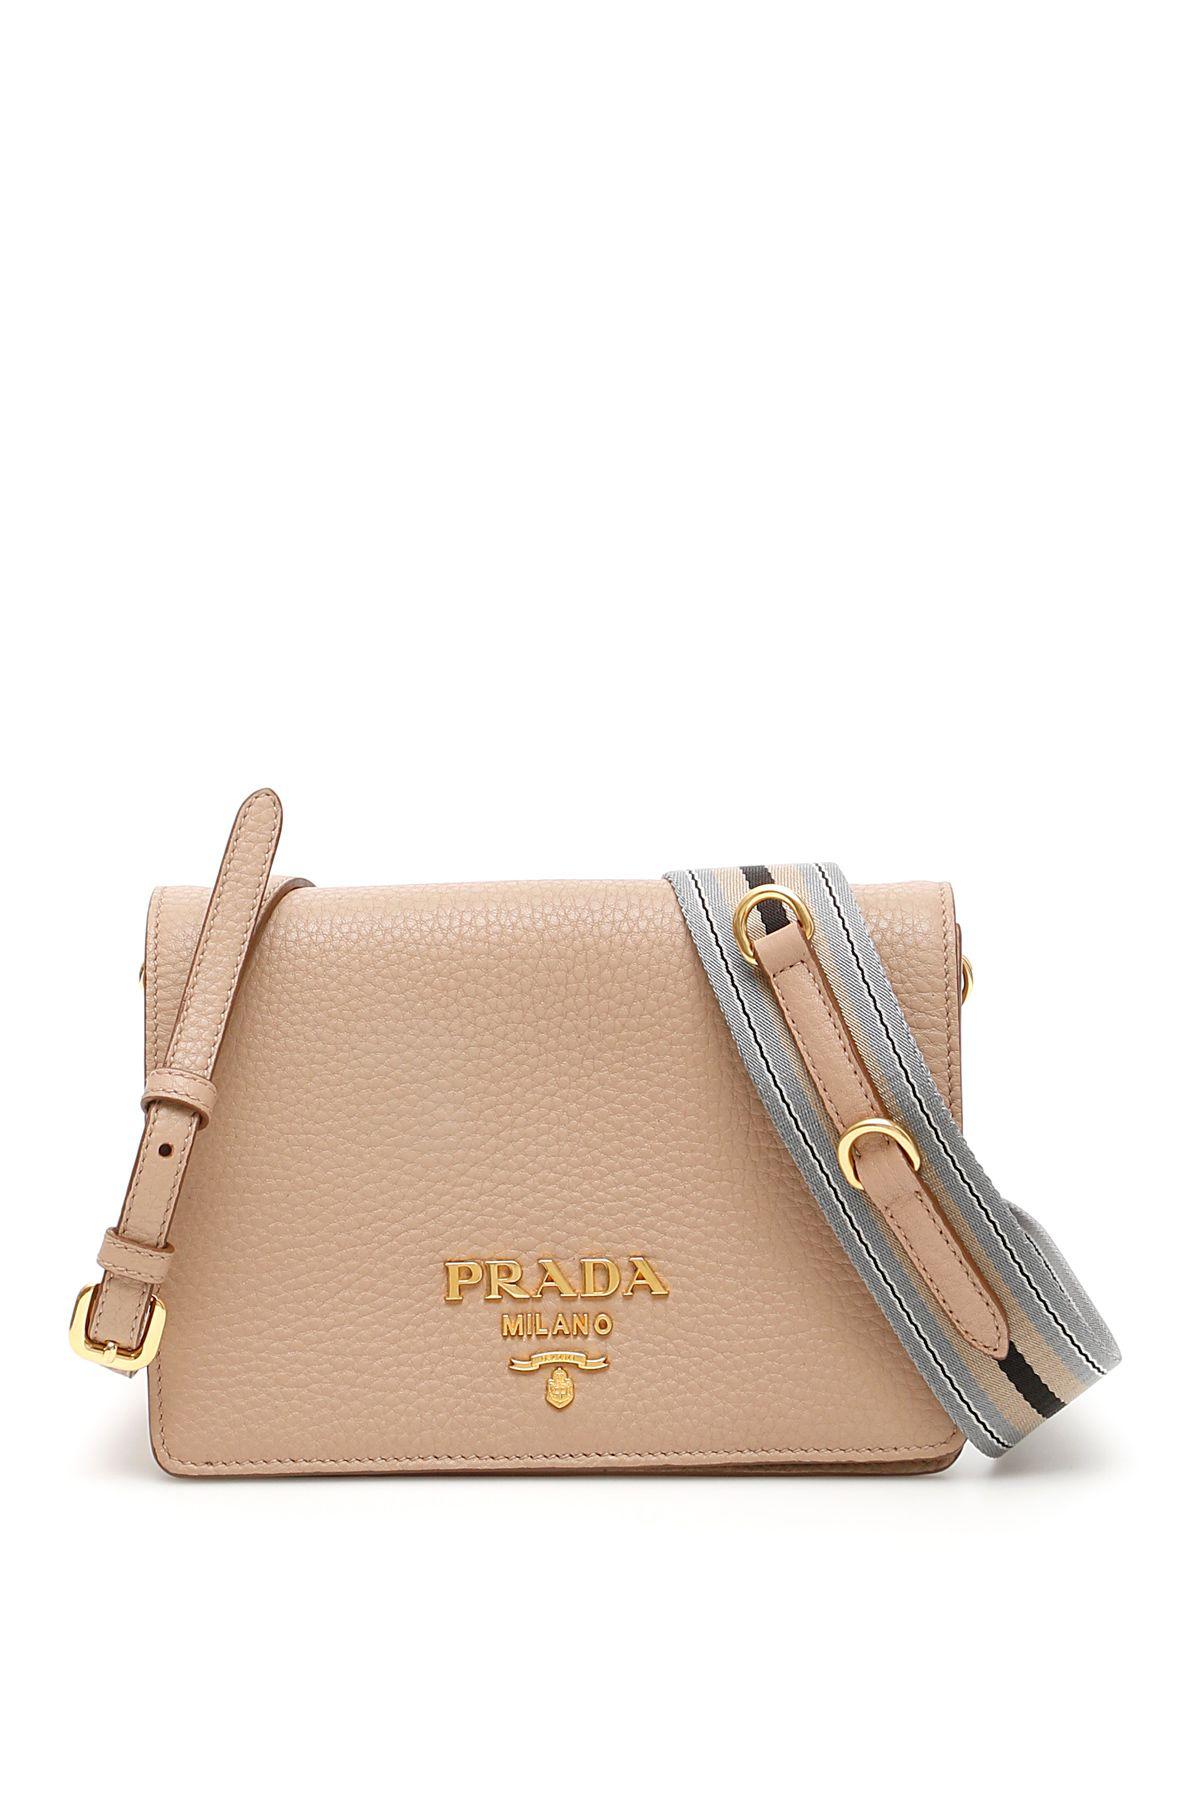 72ea45d8fe47 Prada Deer Print Bag In Cammeo|Rosa | ModeSens